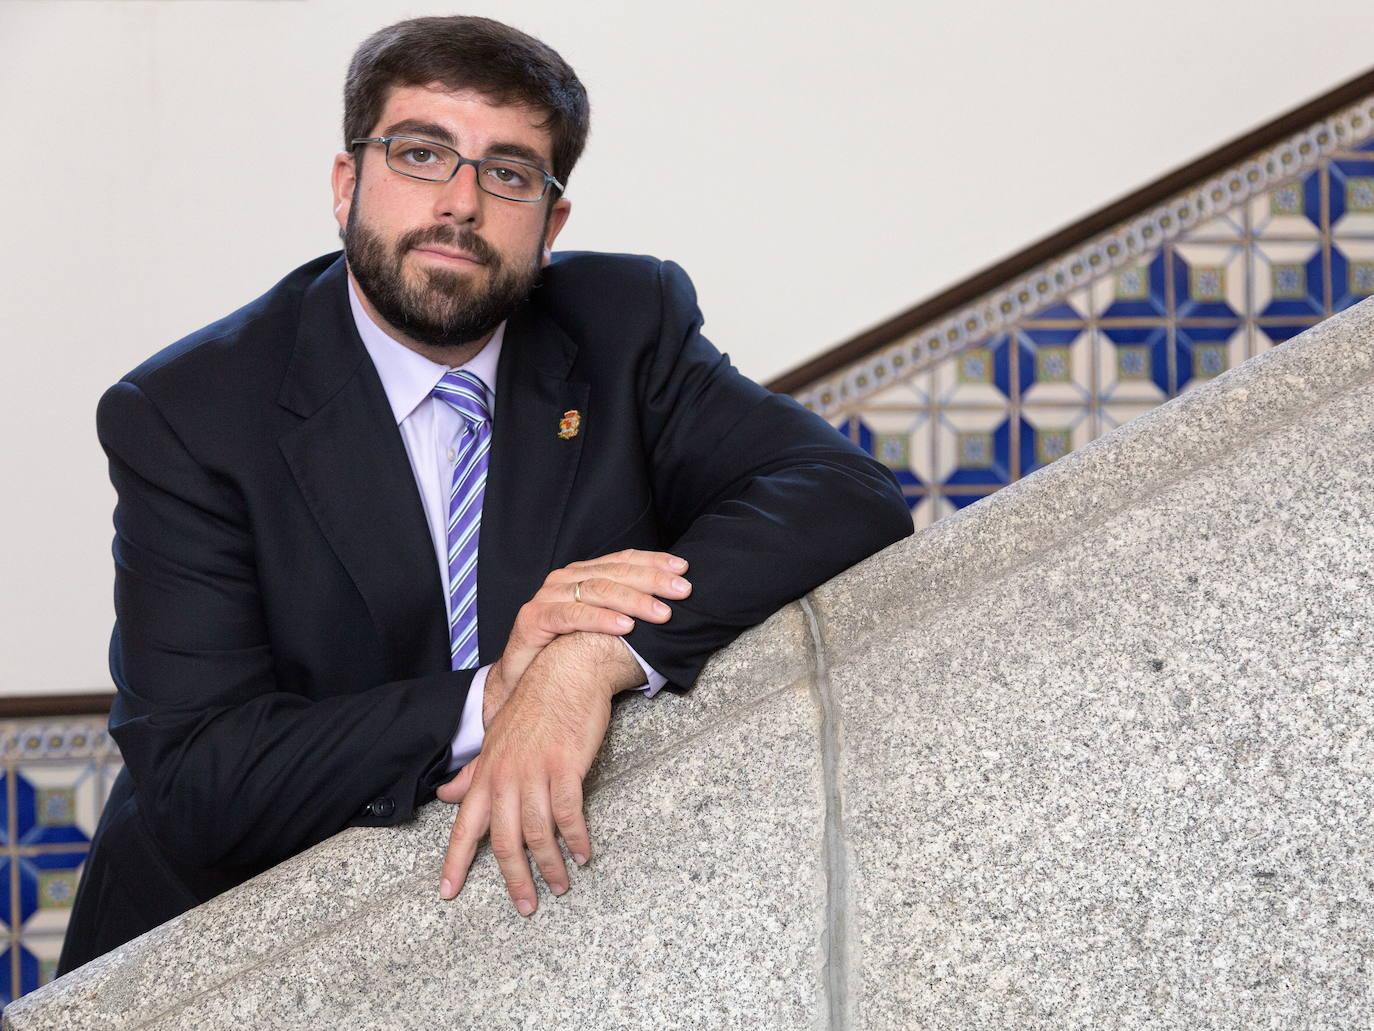 El Ayuntamiento de Ávila proponen subir el IBI seis euros al mes